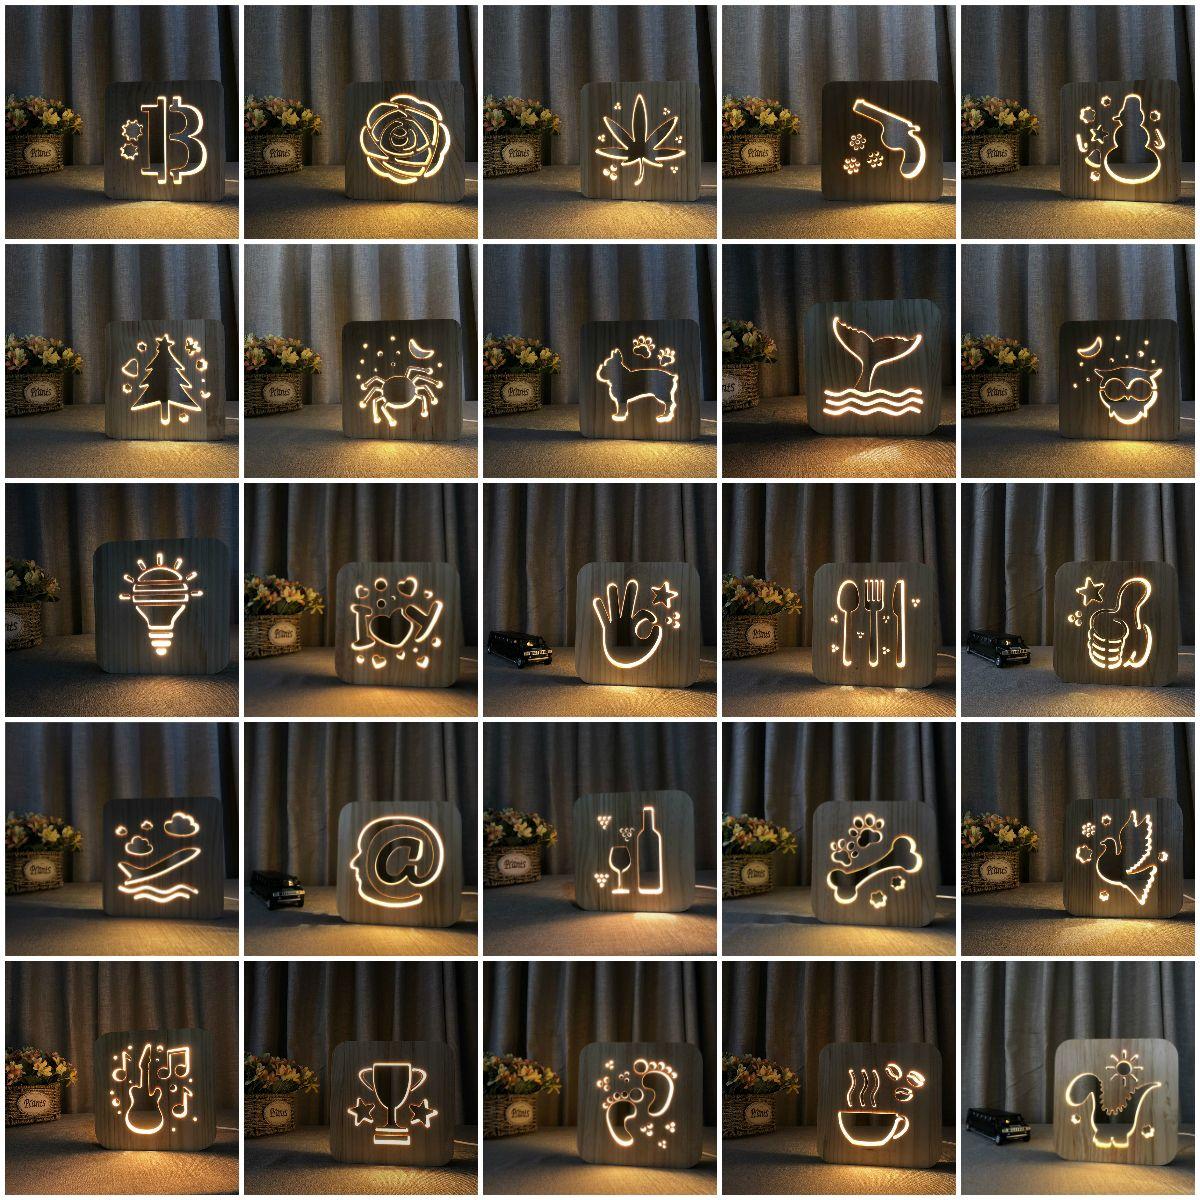 Intagliando il modello 3D LED Nightlight della lampada Nightlight legno Lode USB fotovoltaico uso domestico Camera scrittorio della Tabella decorazione della lampada di legno 3D LED NightLight